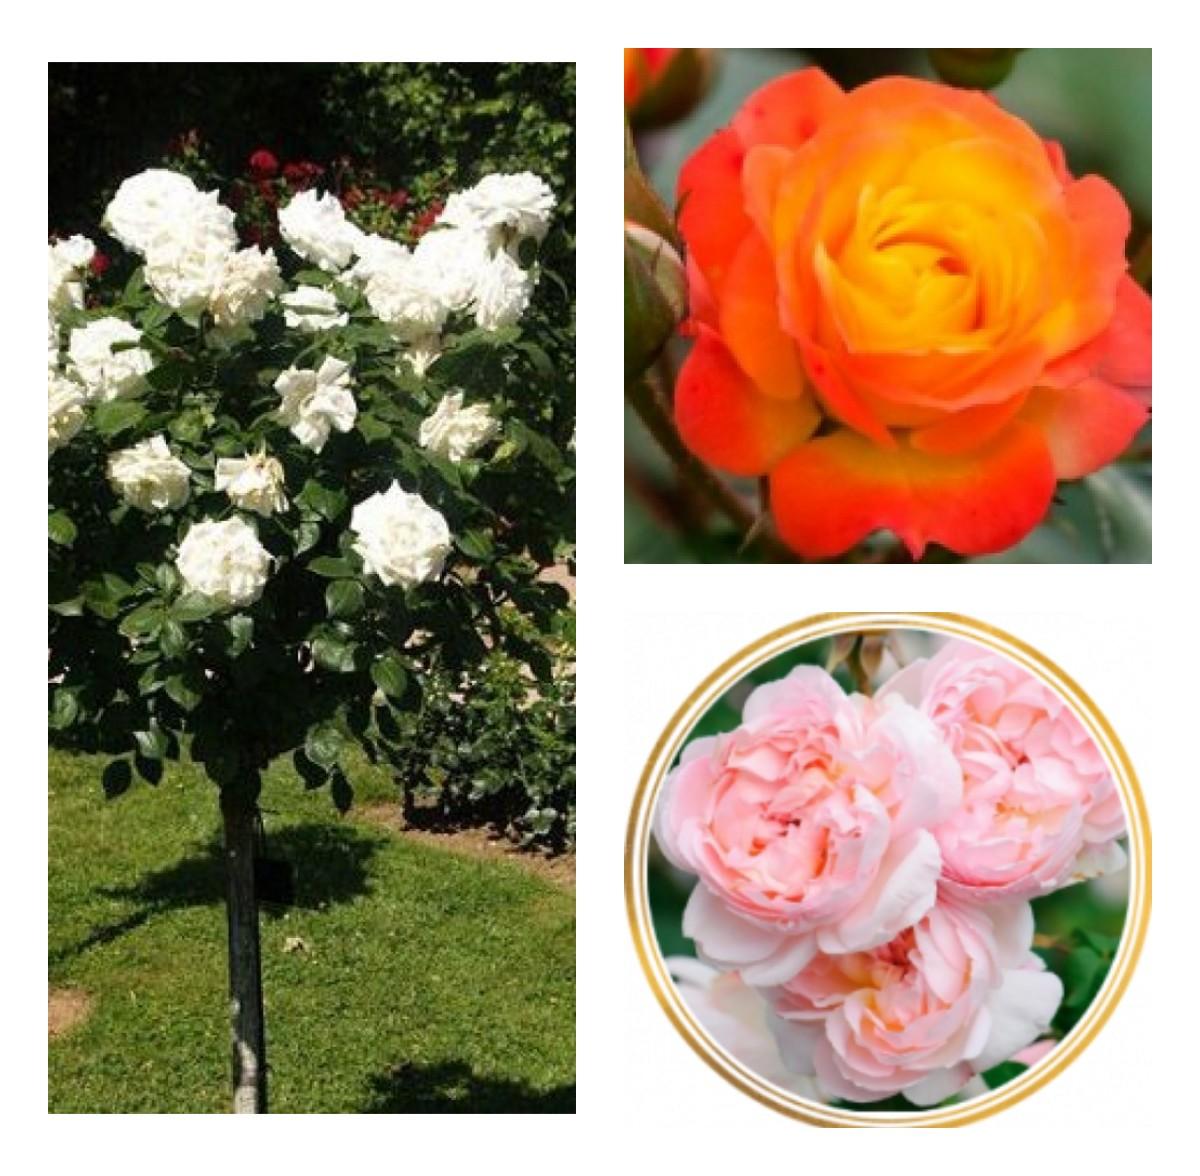 Комплект Р6-3 саженца (Штамбовые розы Румба, Аннапюрна, Шарифа Асма): фото и описание